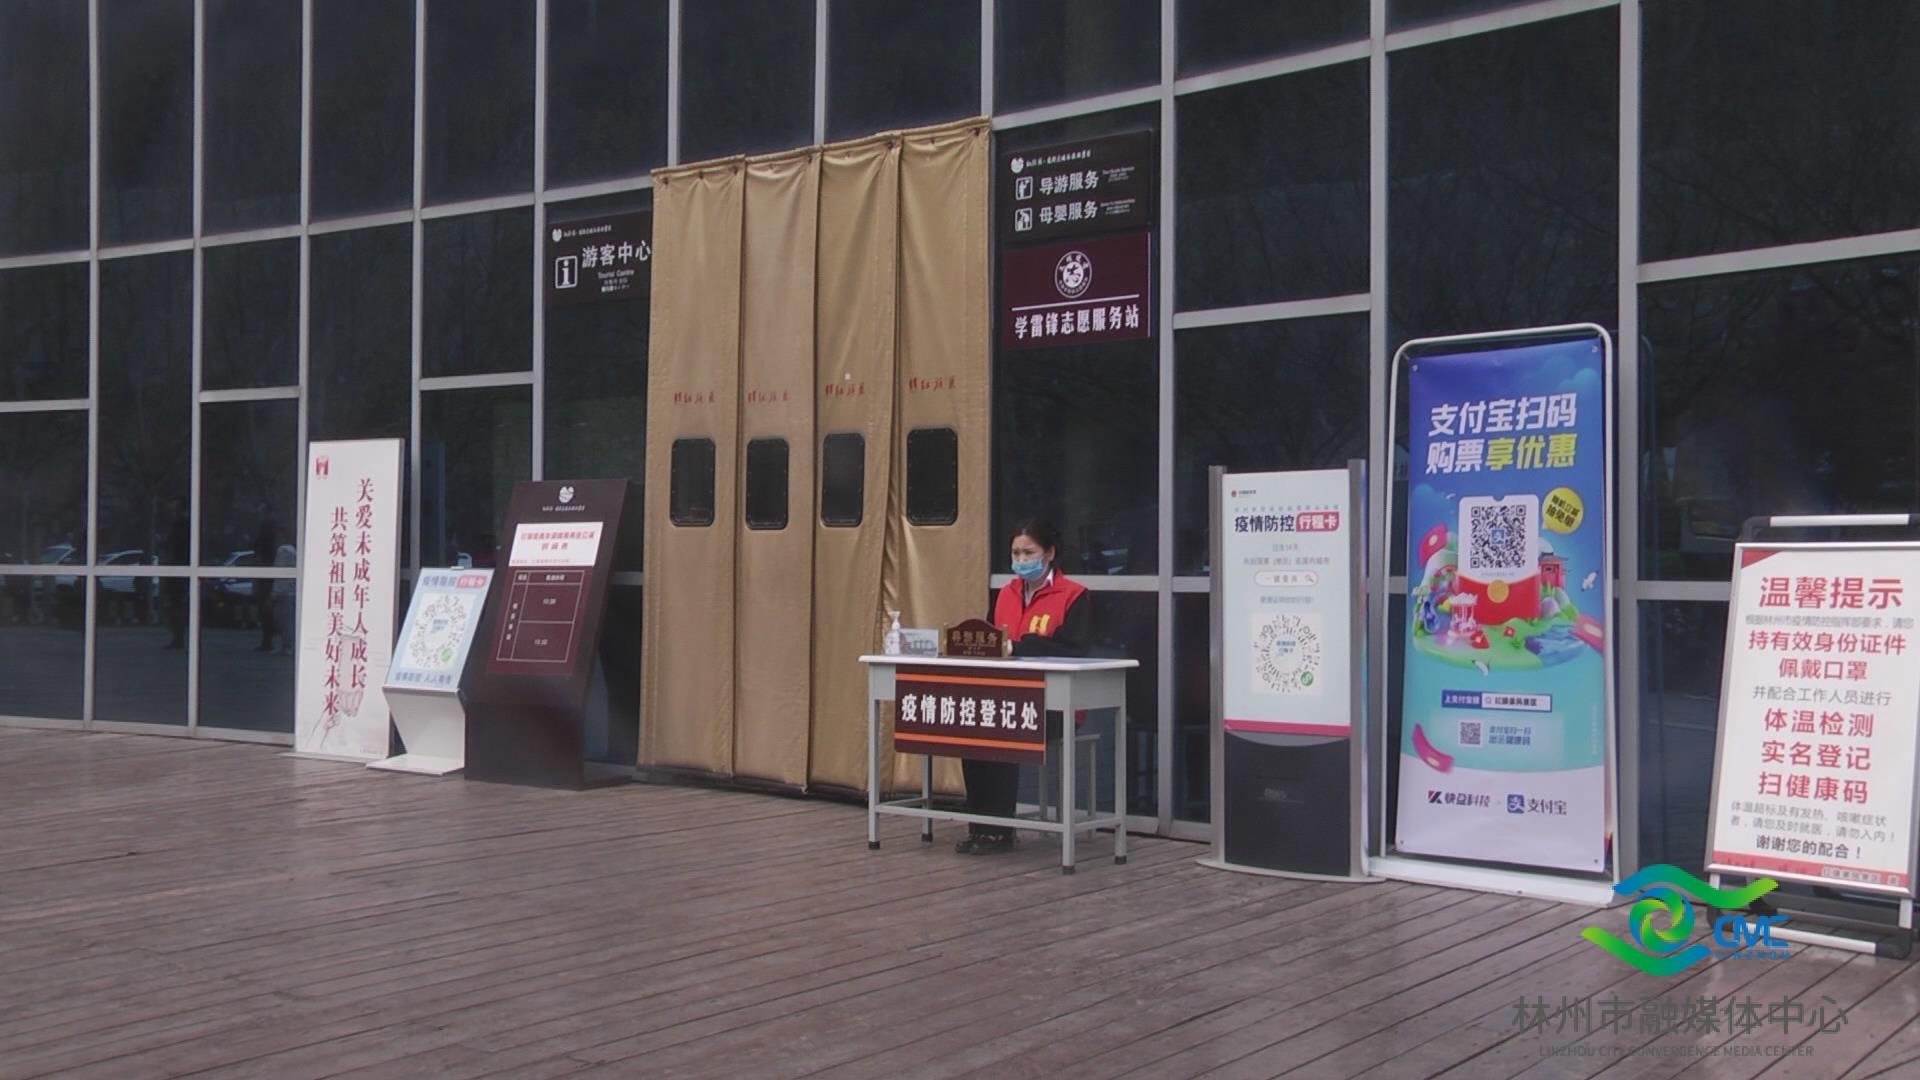 【样样当先进 行行争一流】 红旗渠风景区:提升景区品质 迎接八方游客